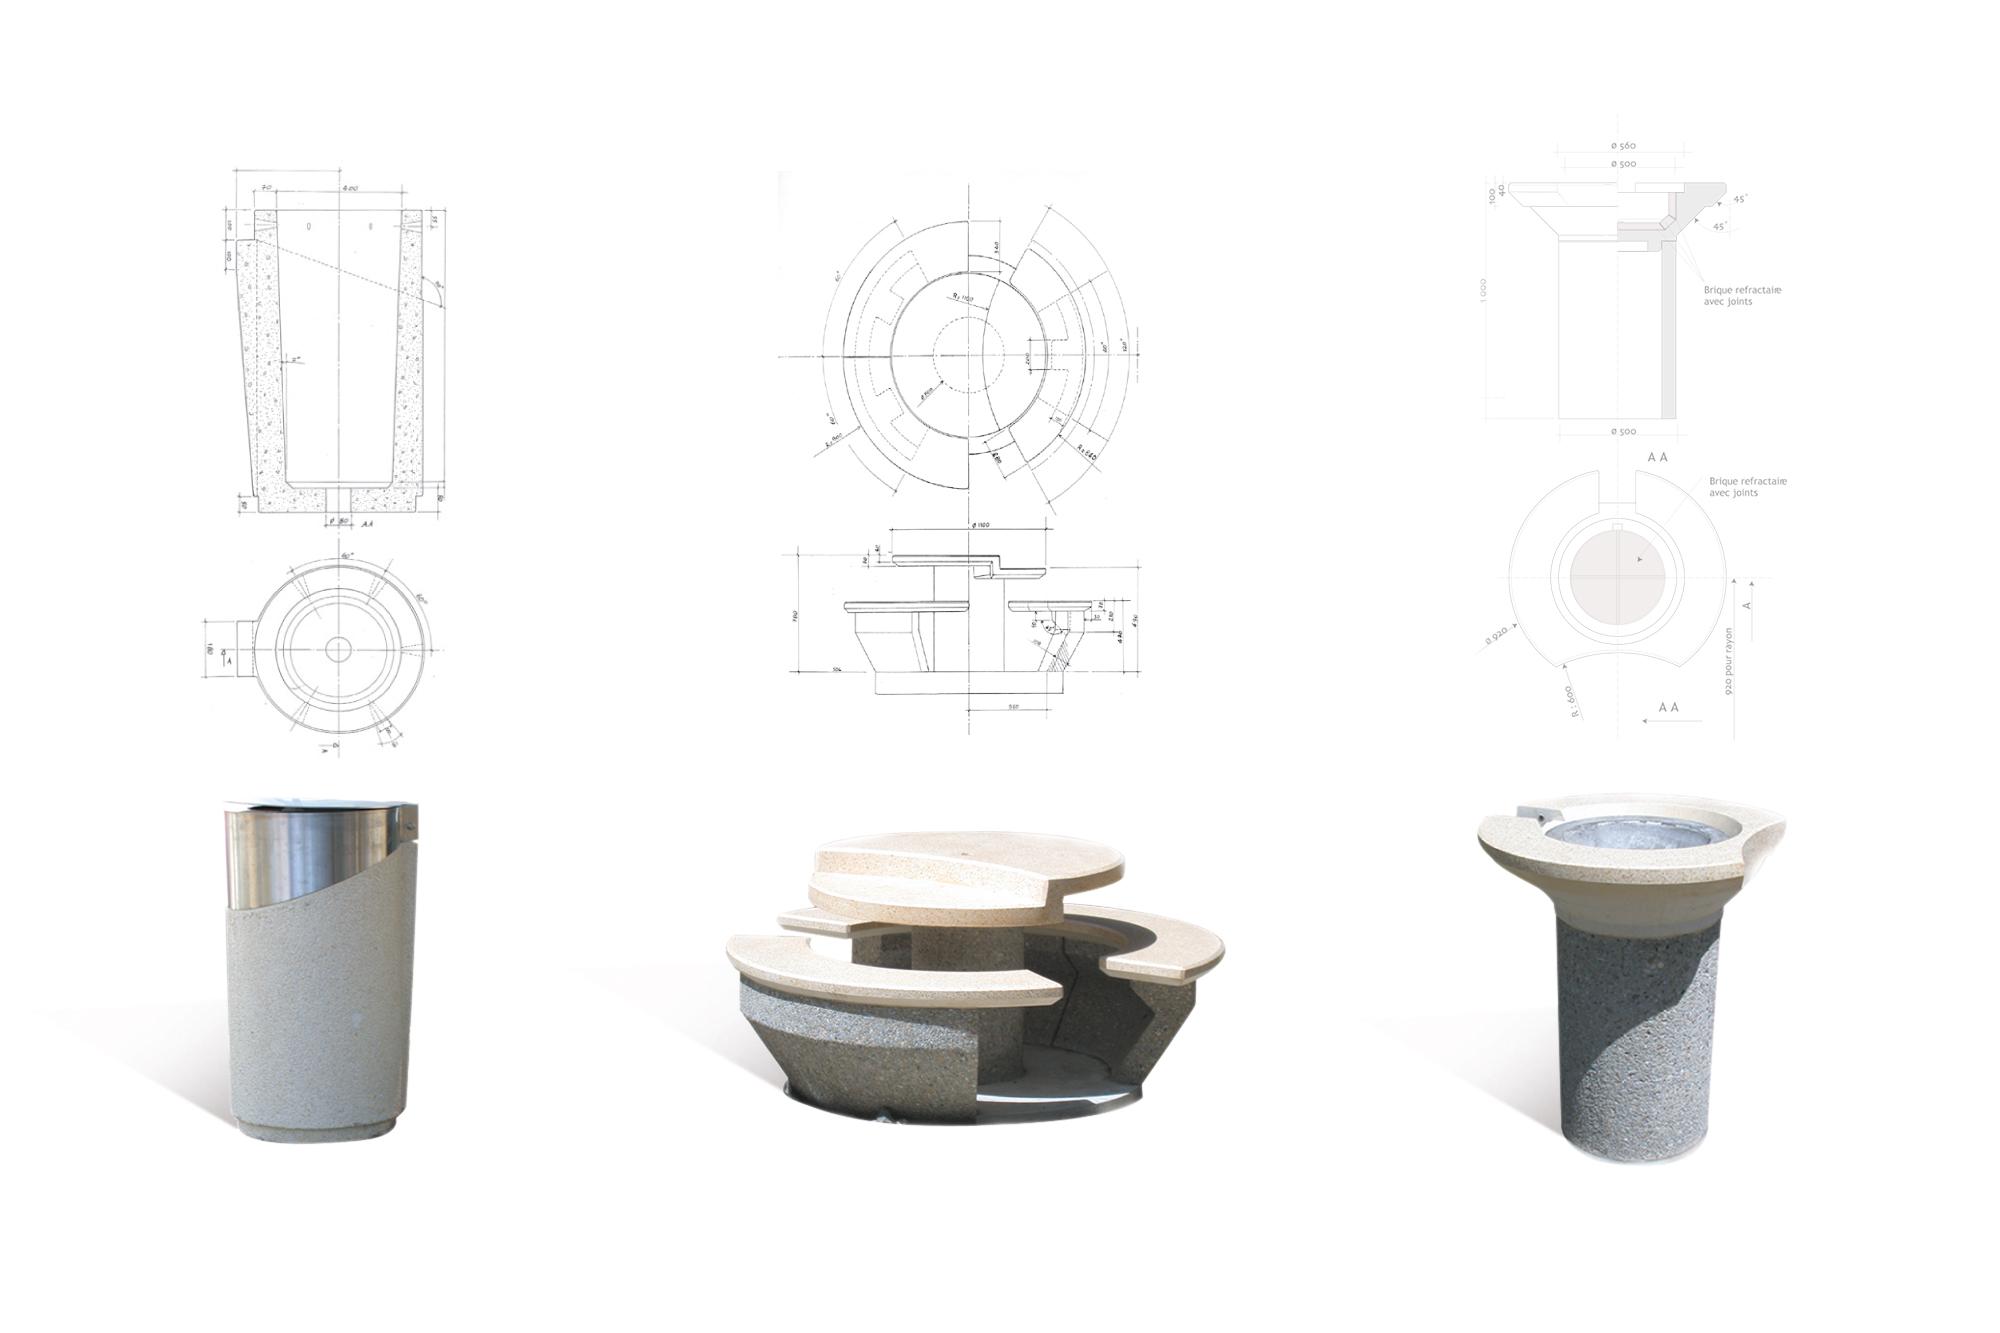 Mobilier d'aire de repos - details